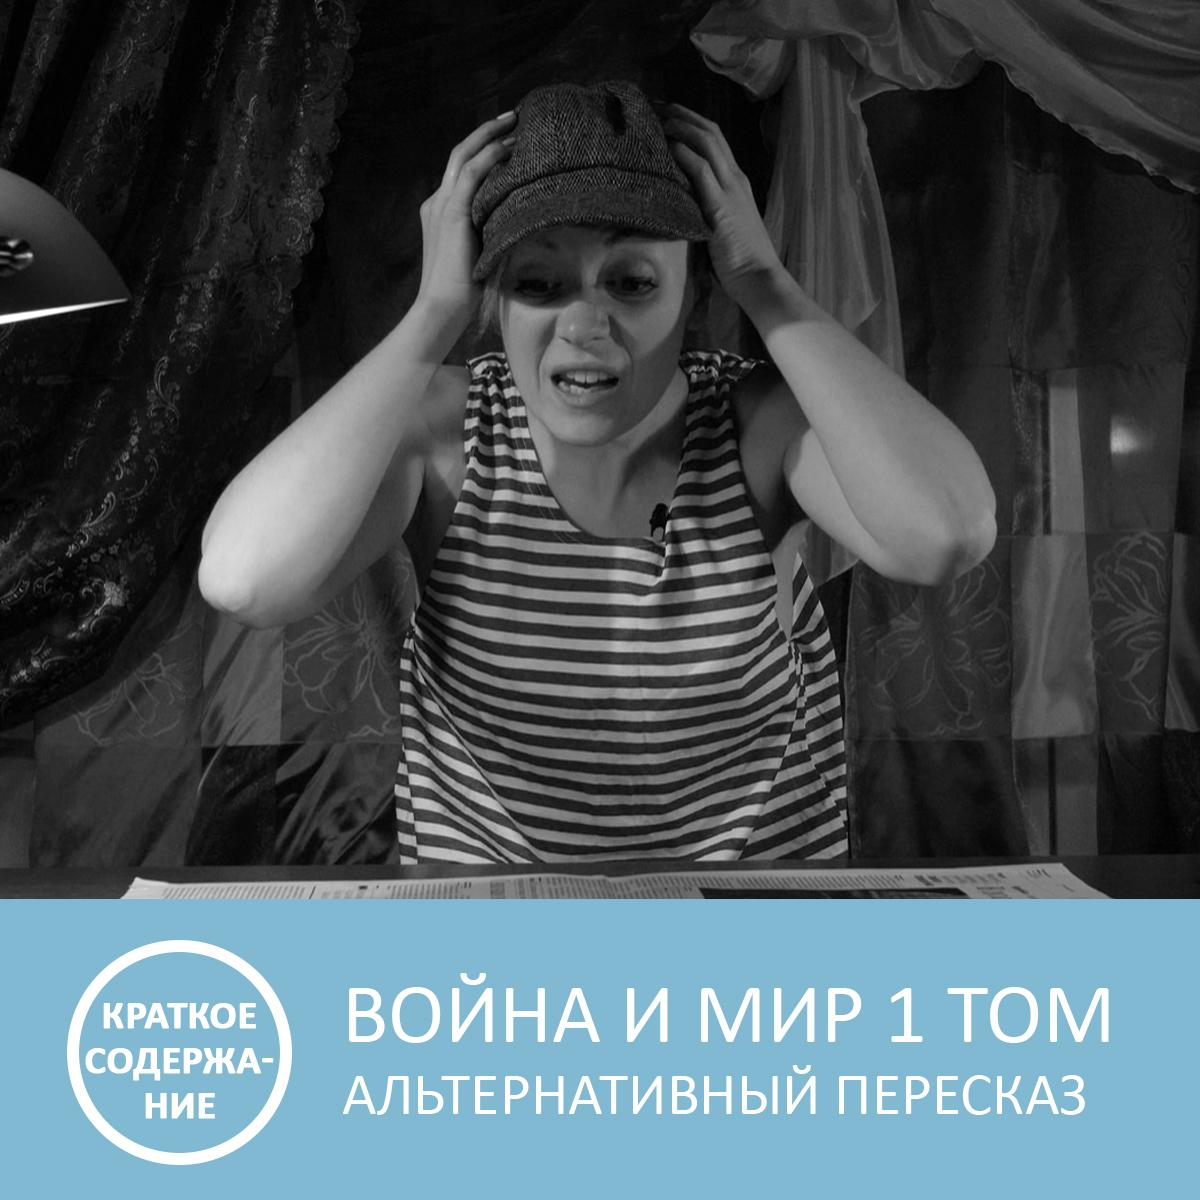 Купить книгу Война и мир - Том 1 - краткое содержание, автора Петровны